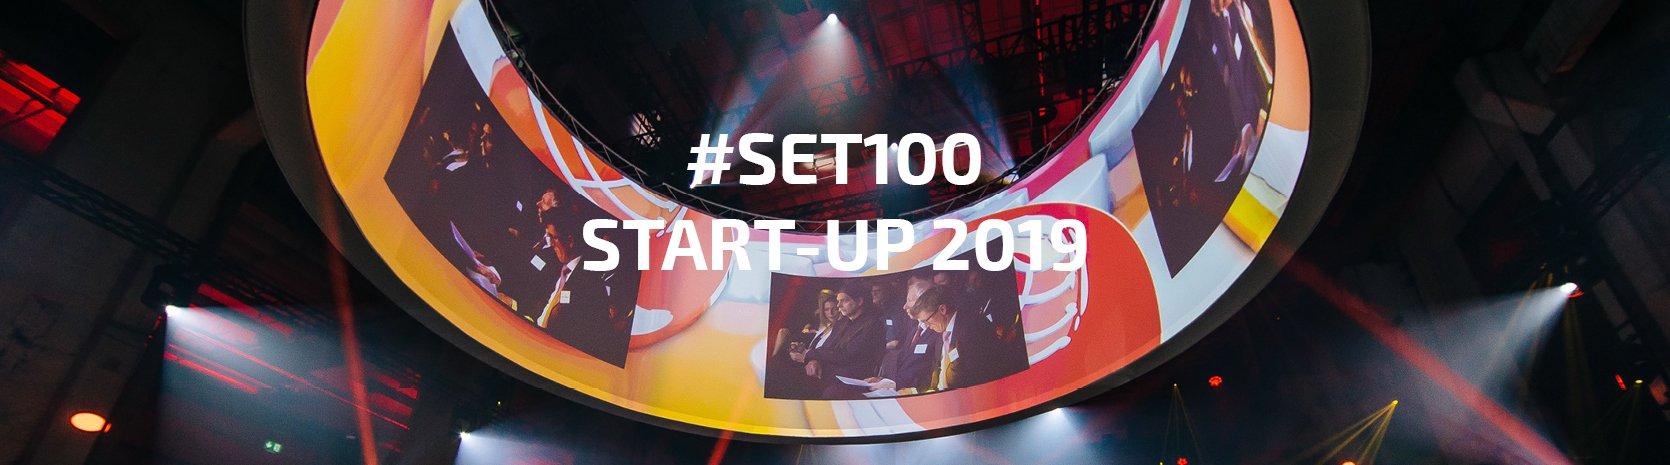 """جائزة """"أفضل 100 شركة ناشئة لتحويل الطاقة """"SET100 تعود من جديد إلى أبوظبي"""